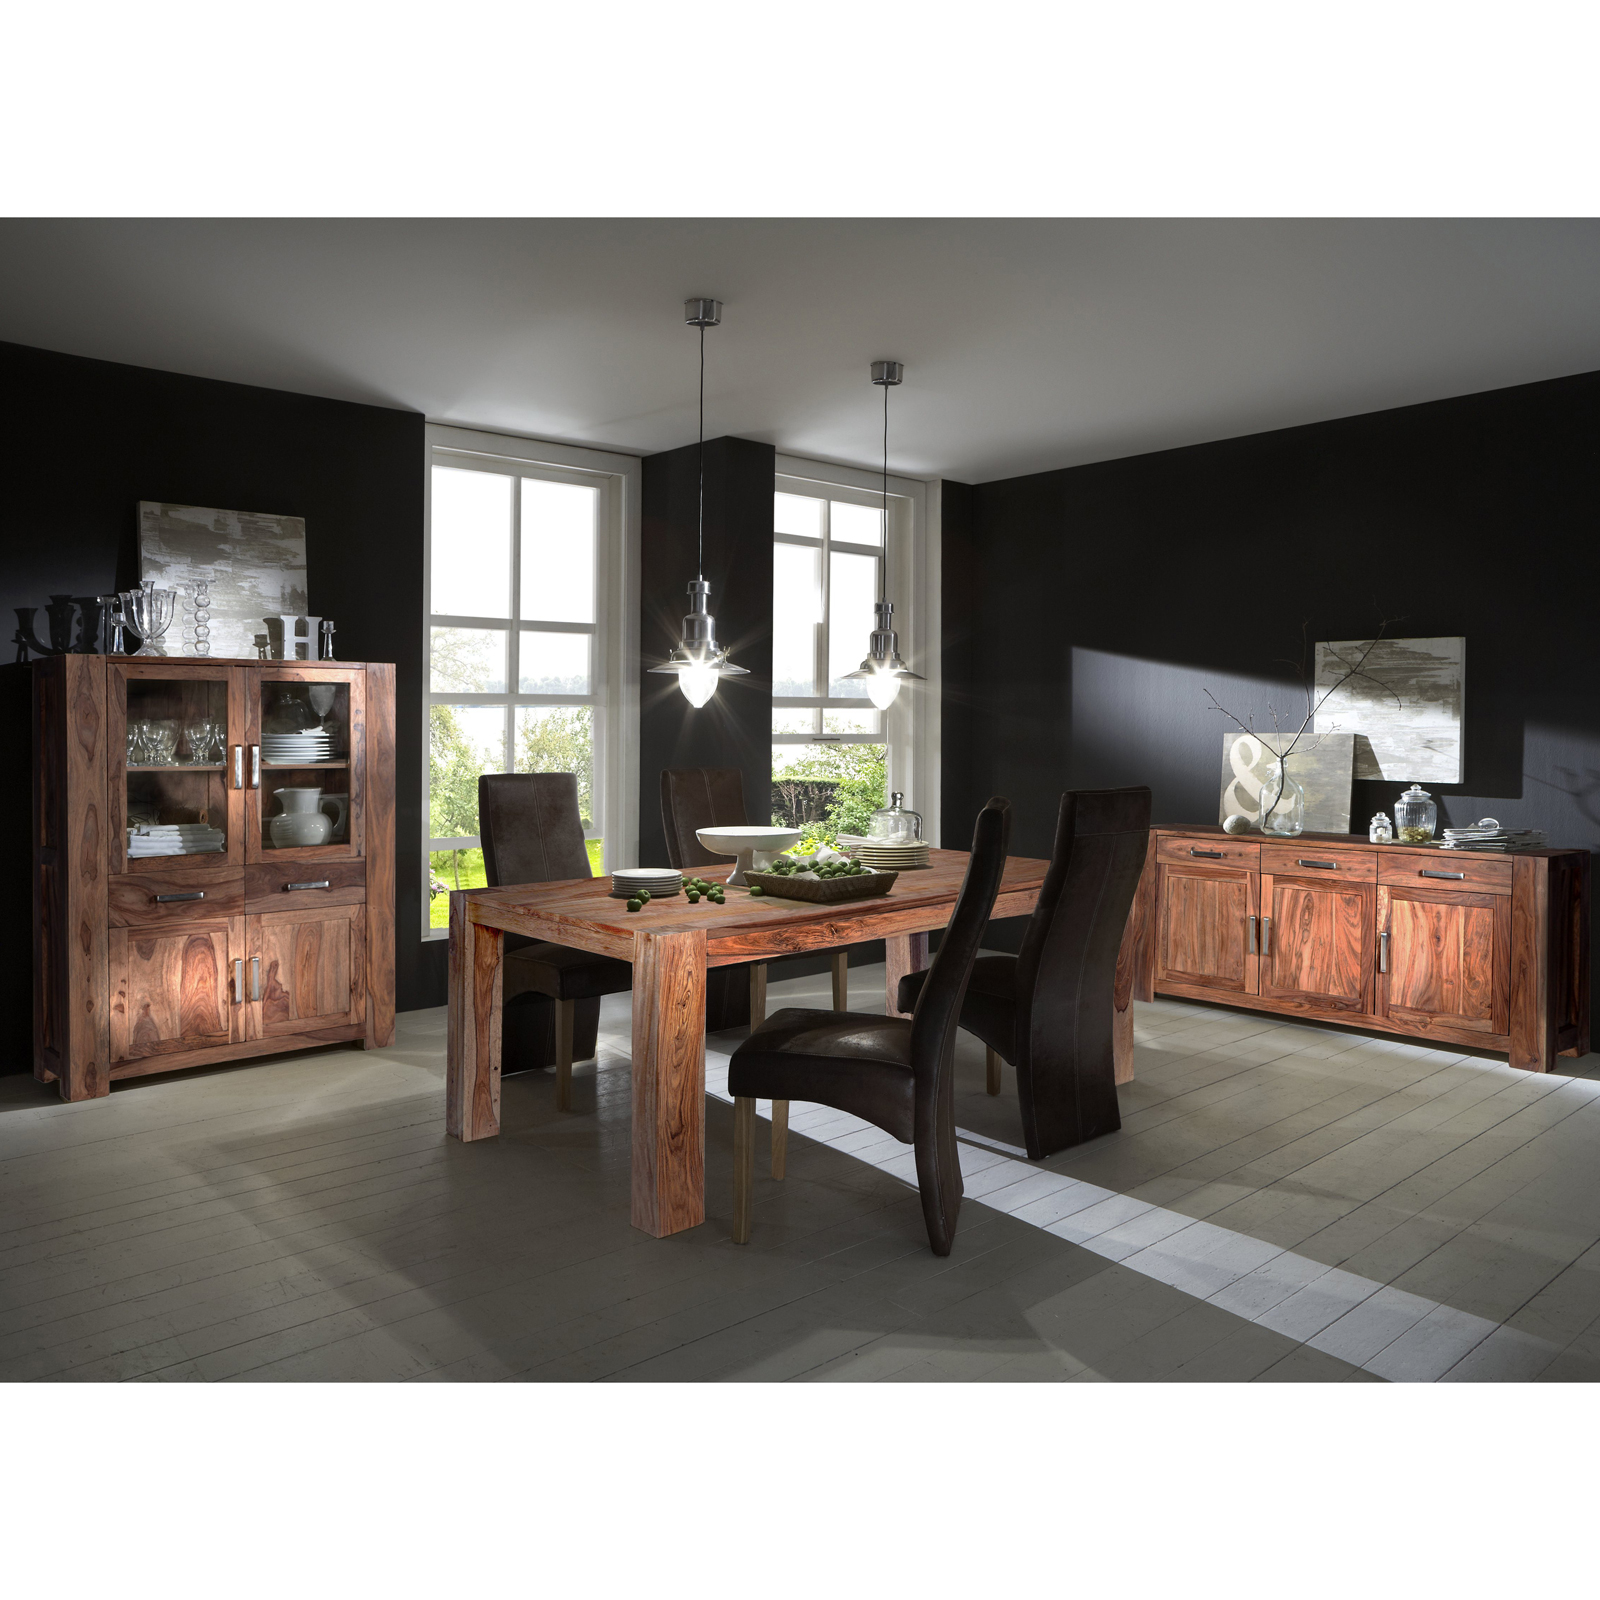 Esszimmer set thor mit highboard sideboard und esstisch for Esszimmer set massiv